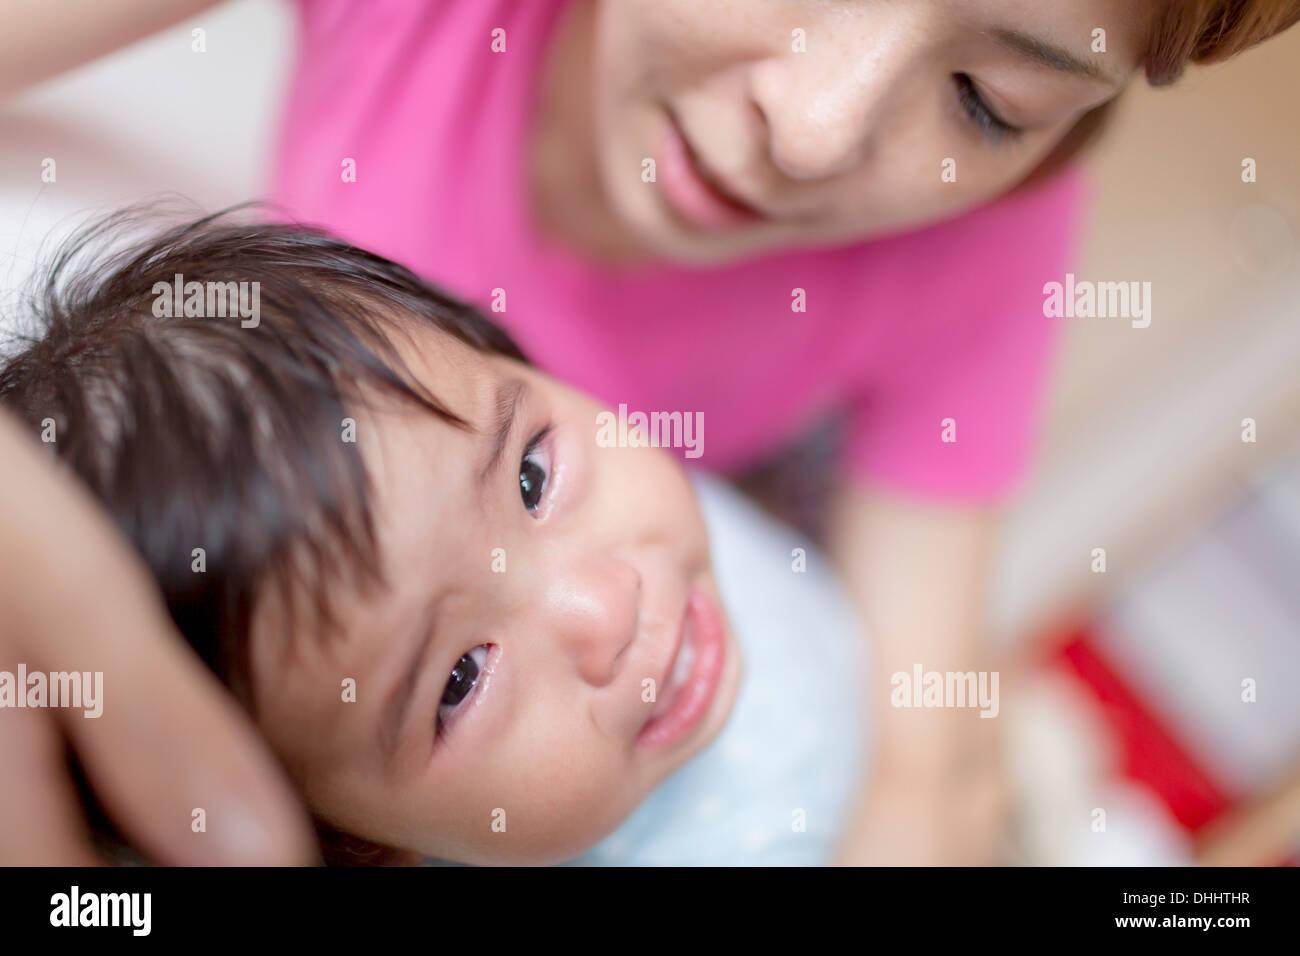 Pacifier mère bébé qui pleure Photo Stock